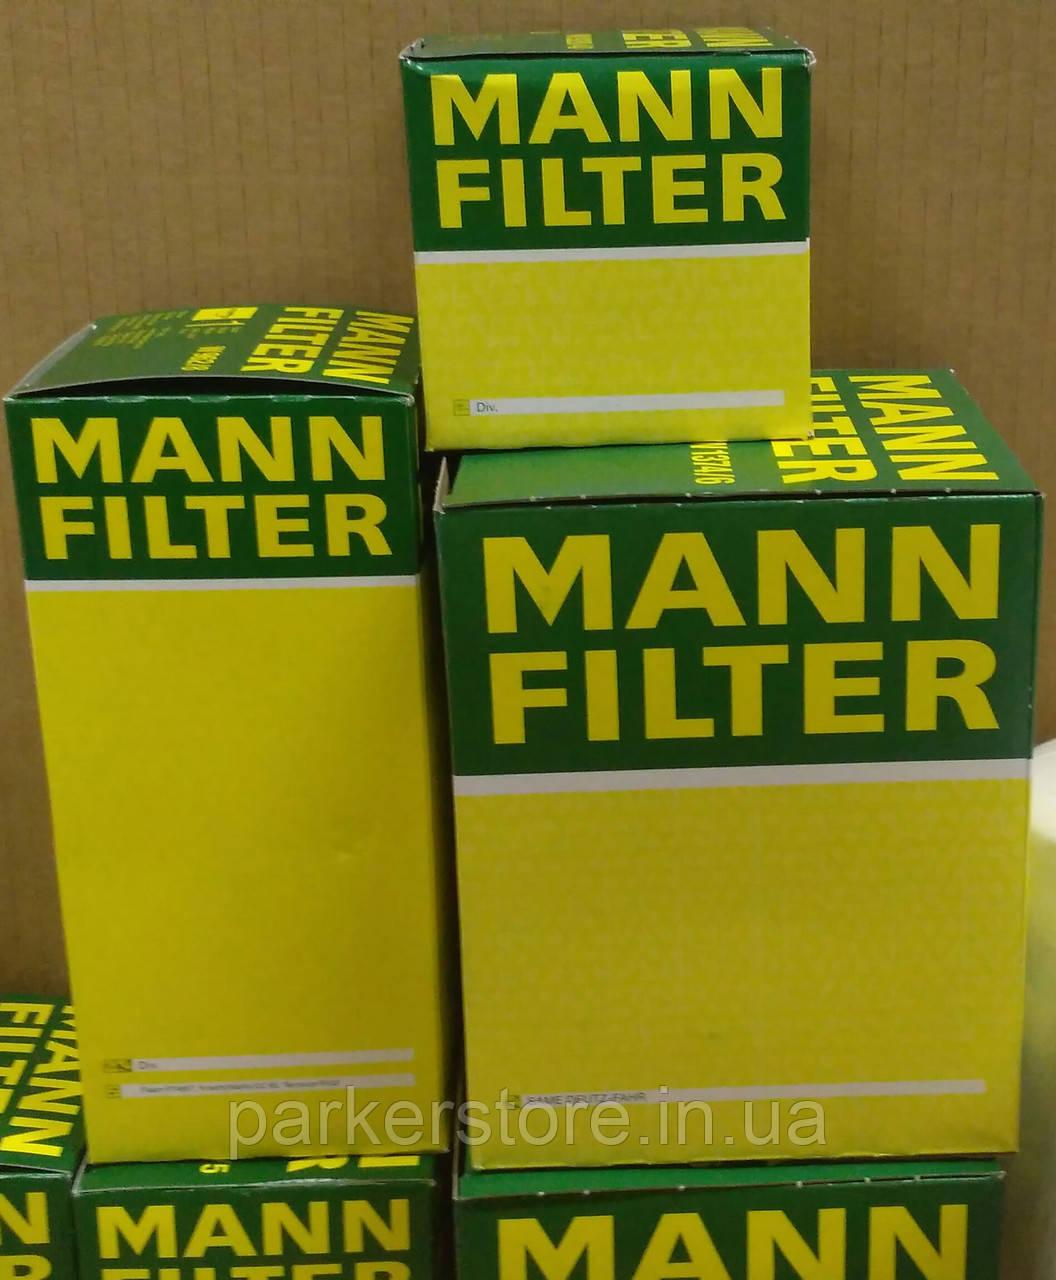 MANN FILTER / Воздушный фильтр / C 31 116 / C31116